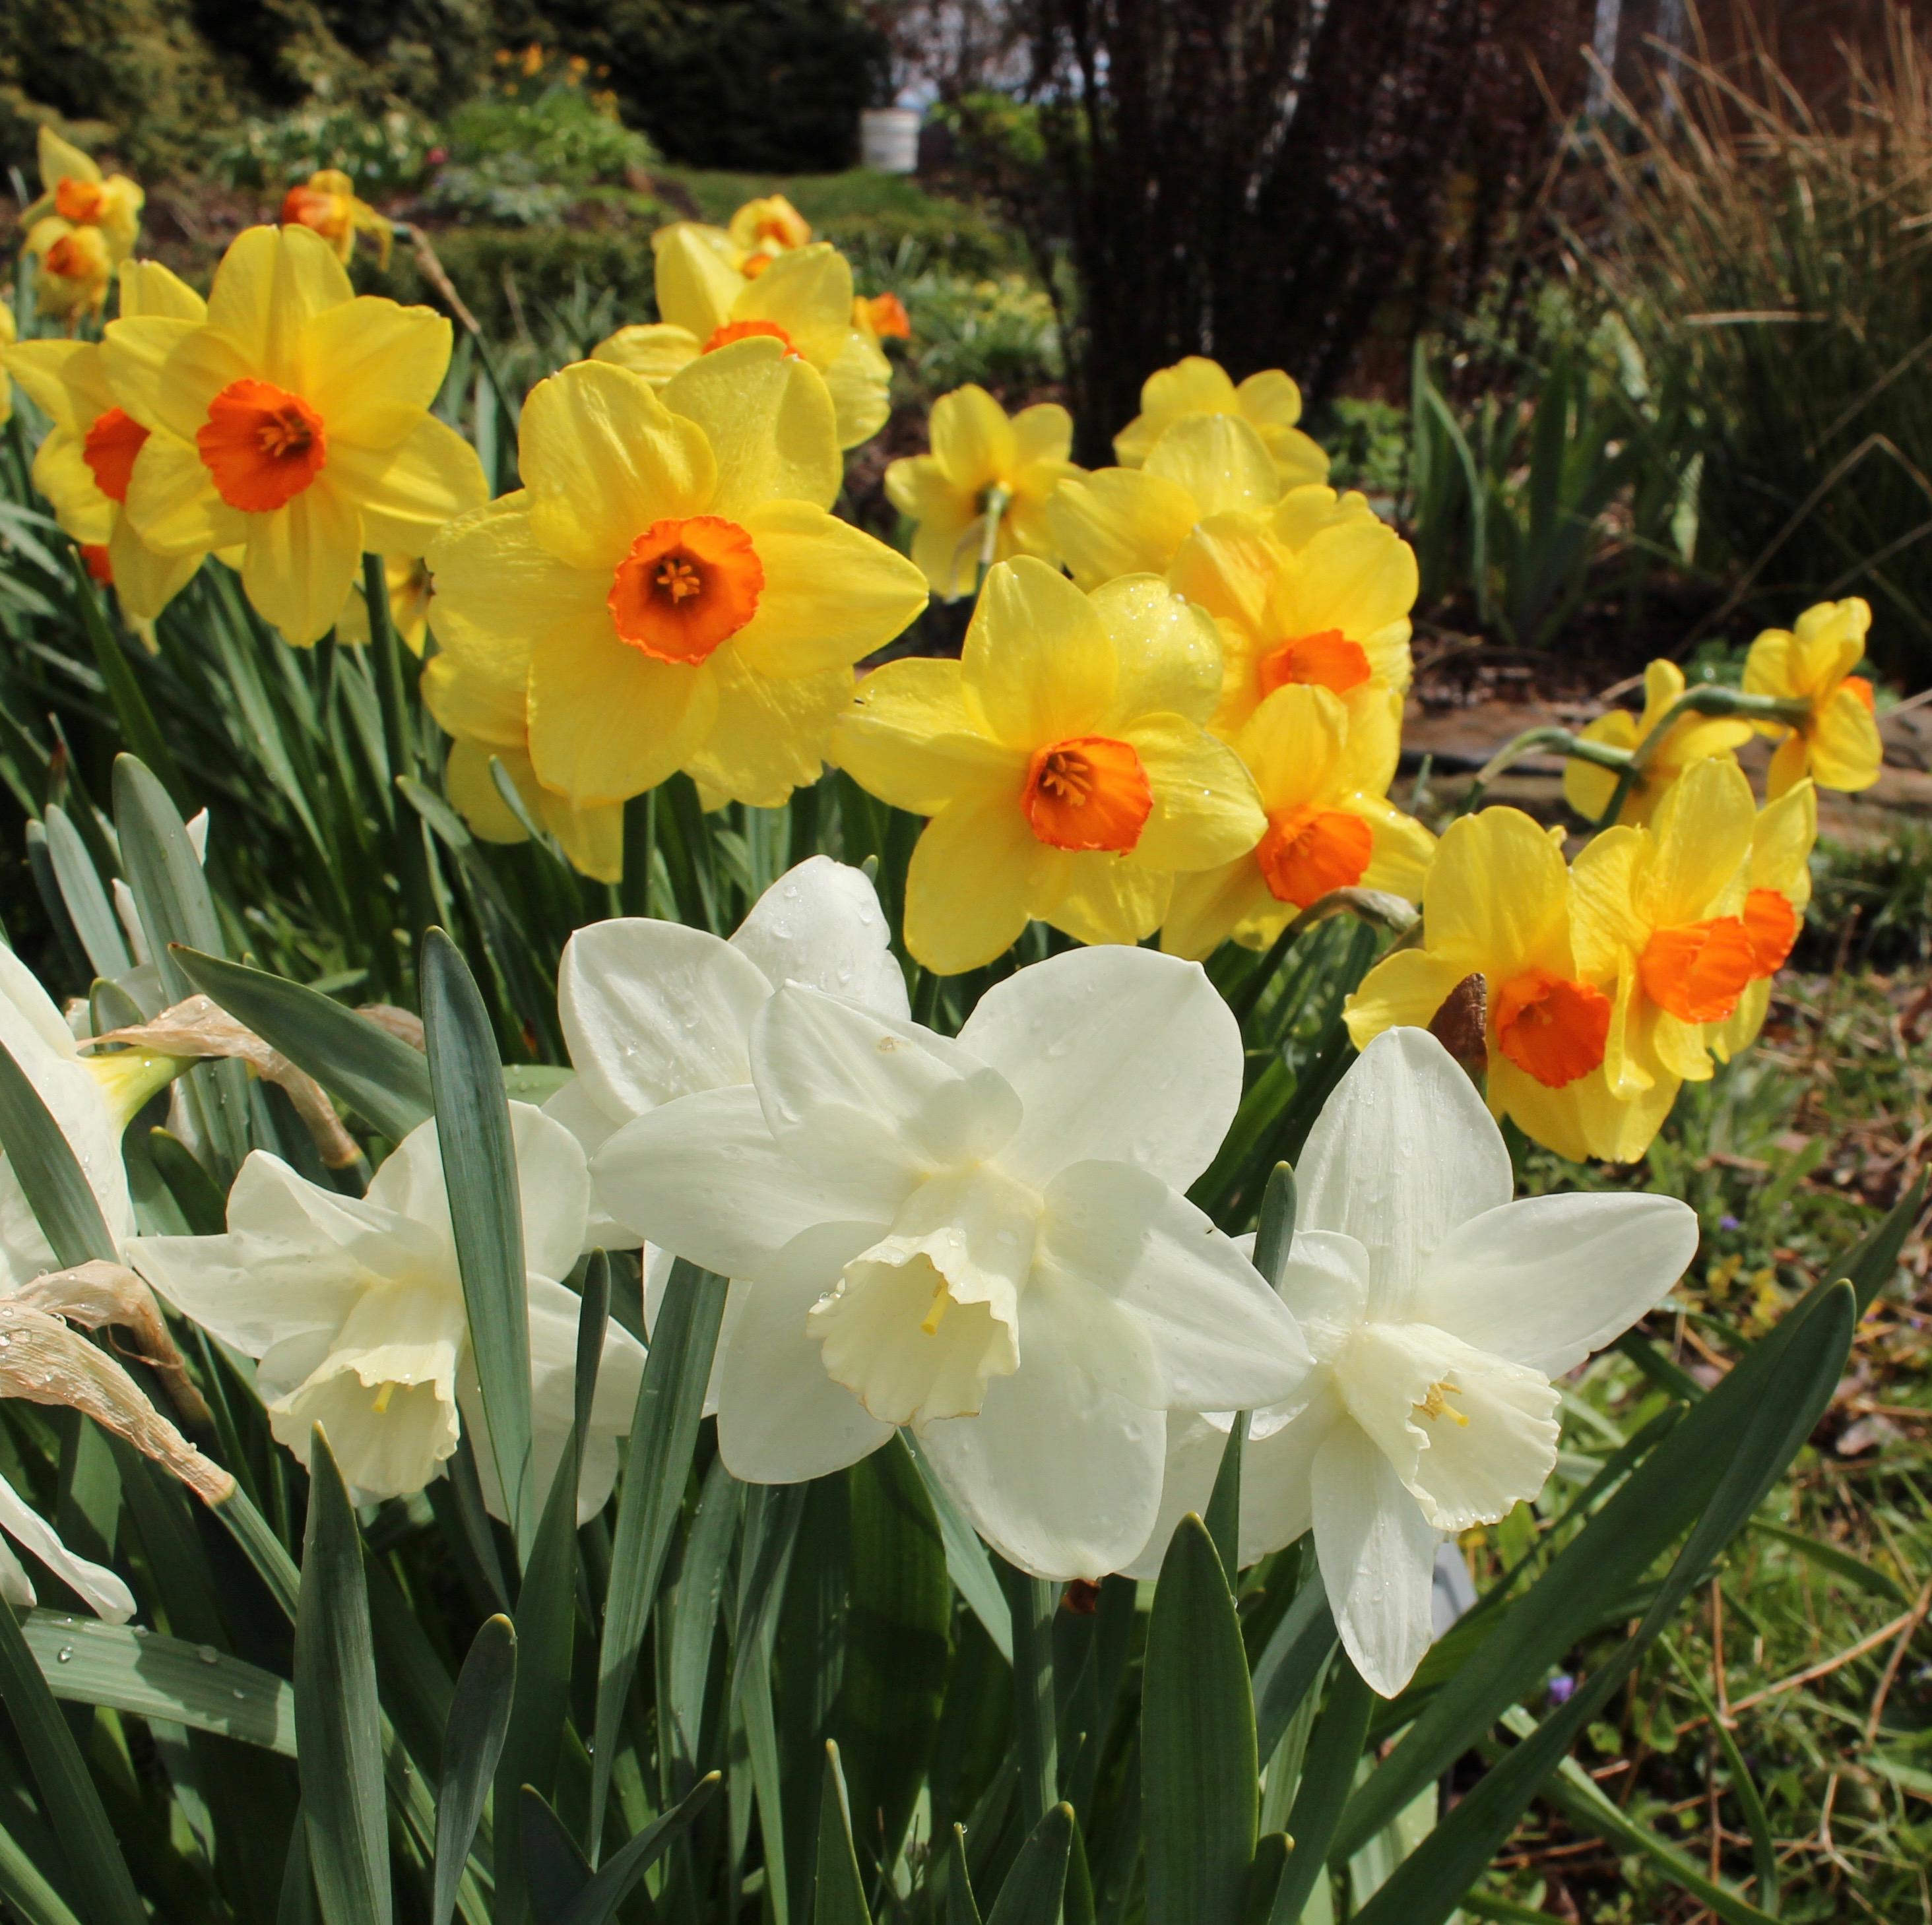 daffodil williamsburg red devon